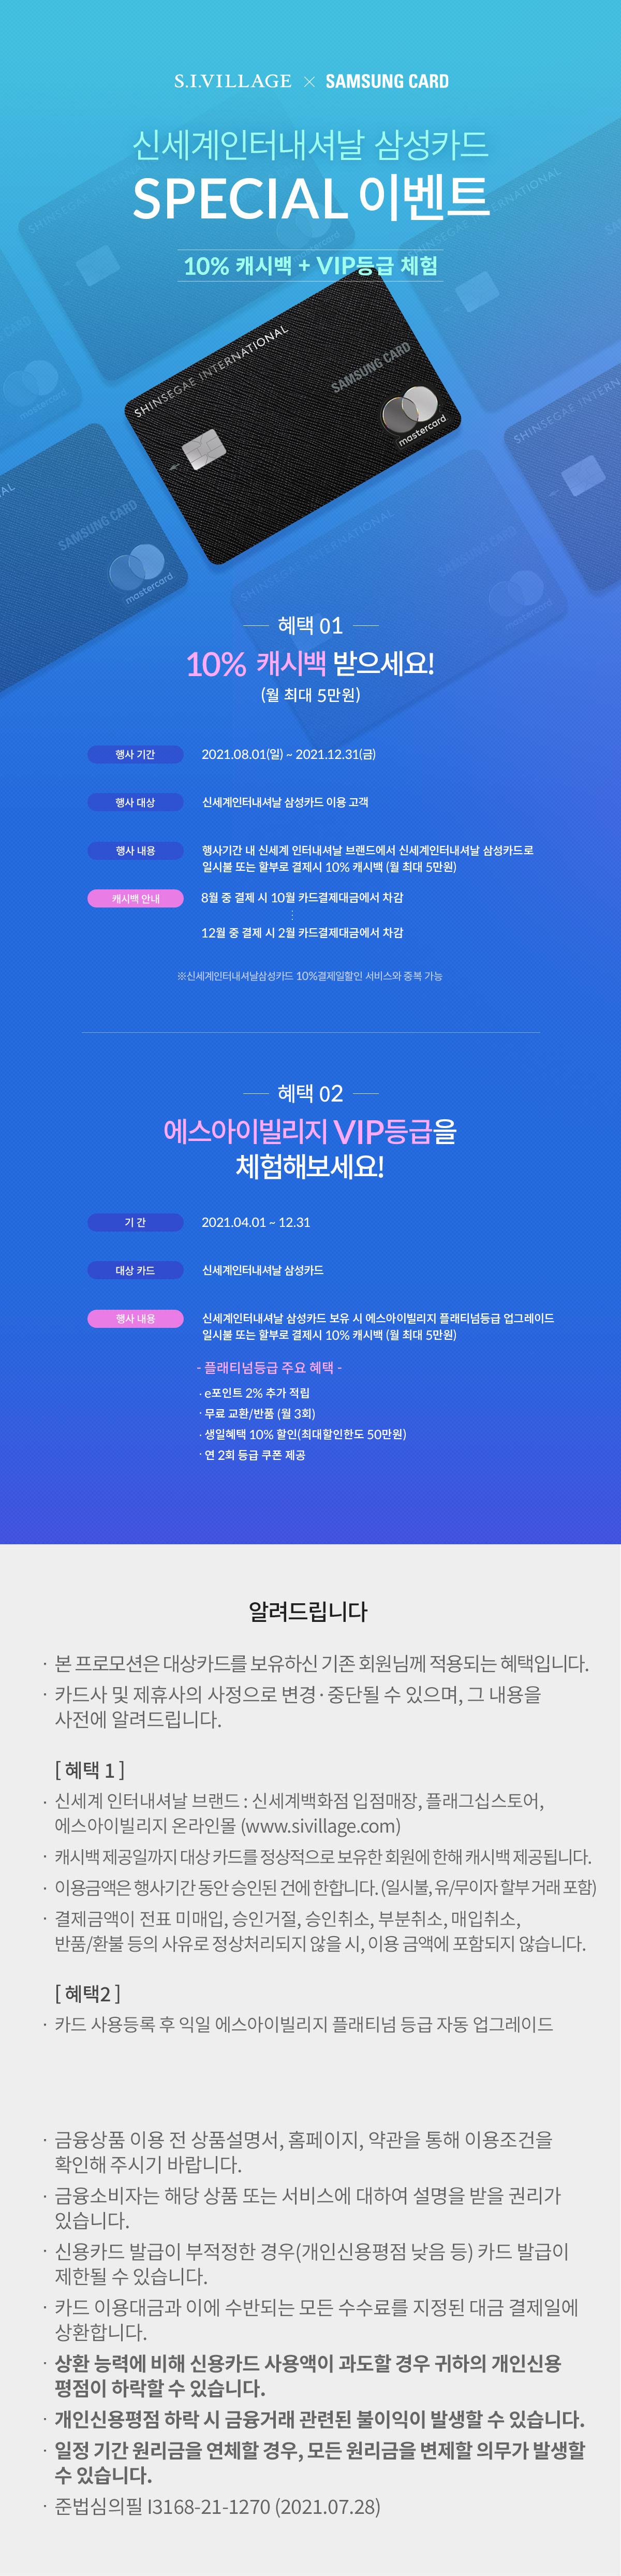 [이벤트상세]신세계인터내셔날삼성카드 10% 캐시백 이벤트